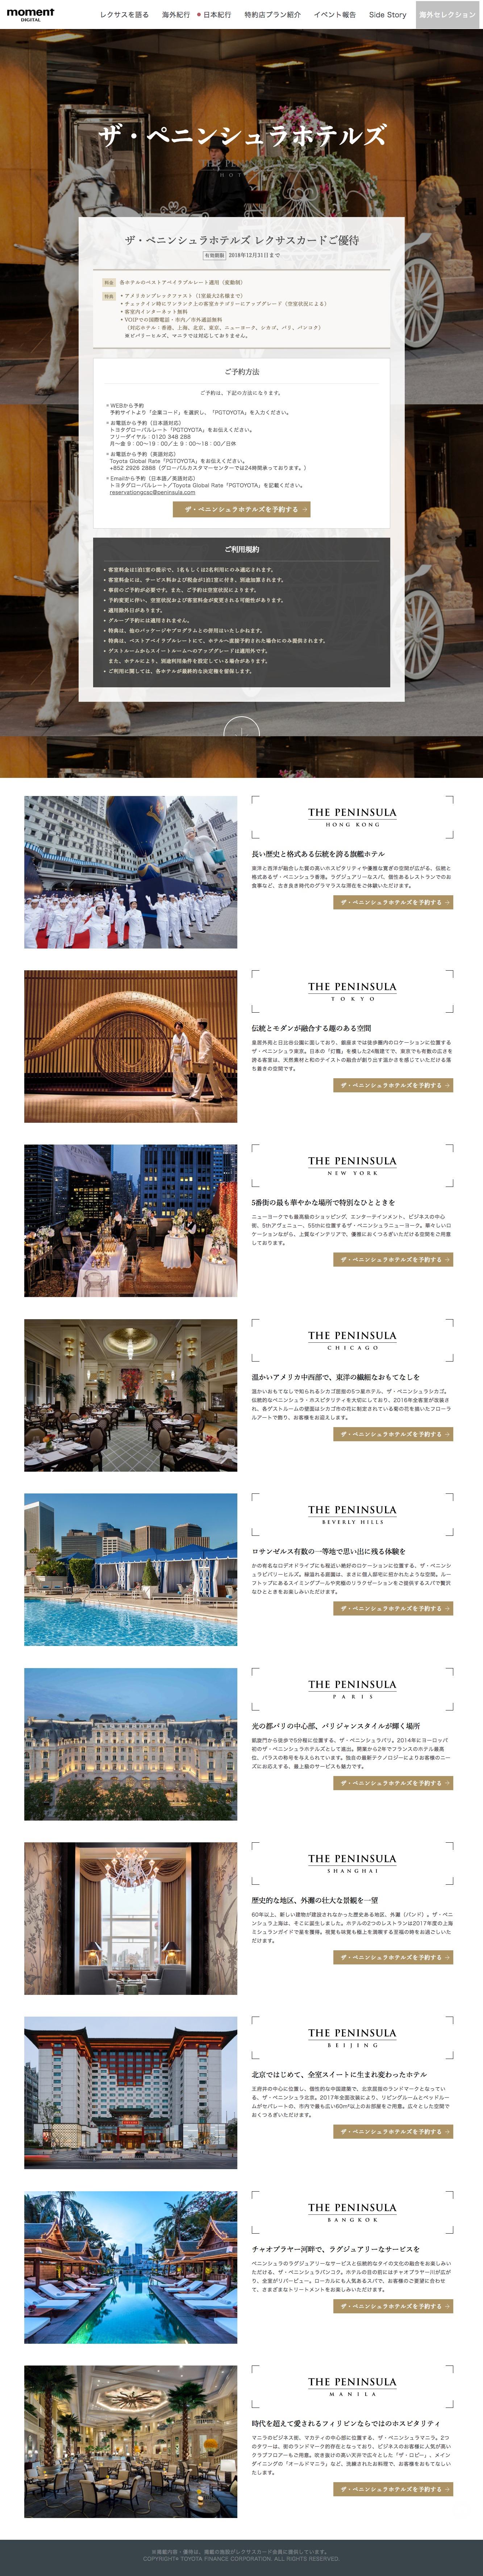 レクサスカード会員WEBマガジン moment DIGITAL − ザ・ペニンシュラホテルズ